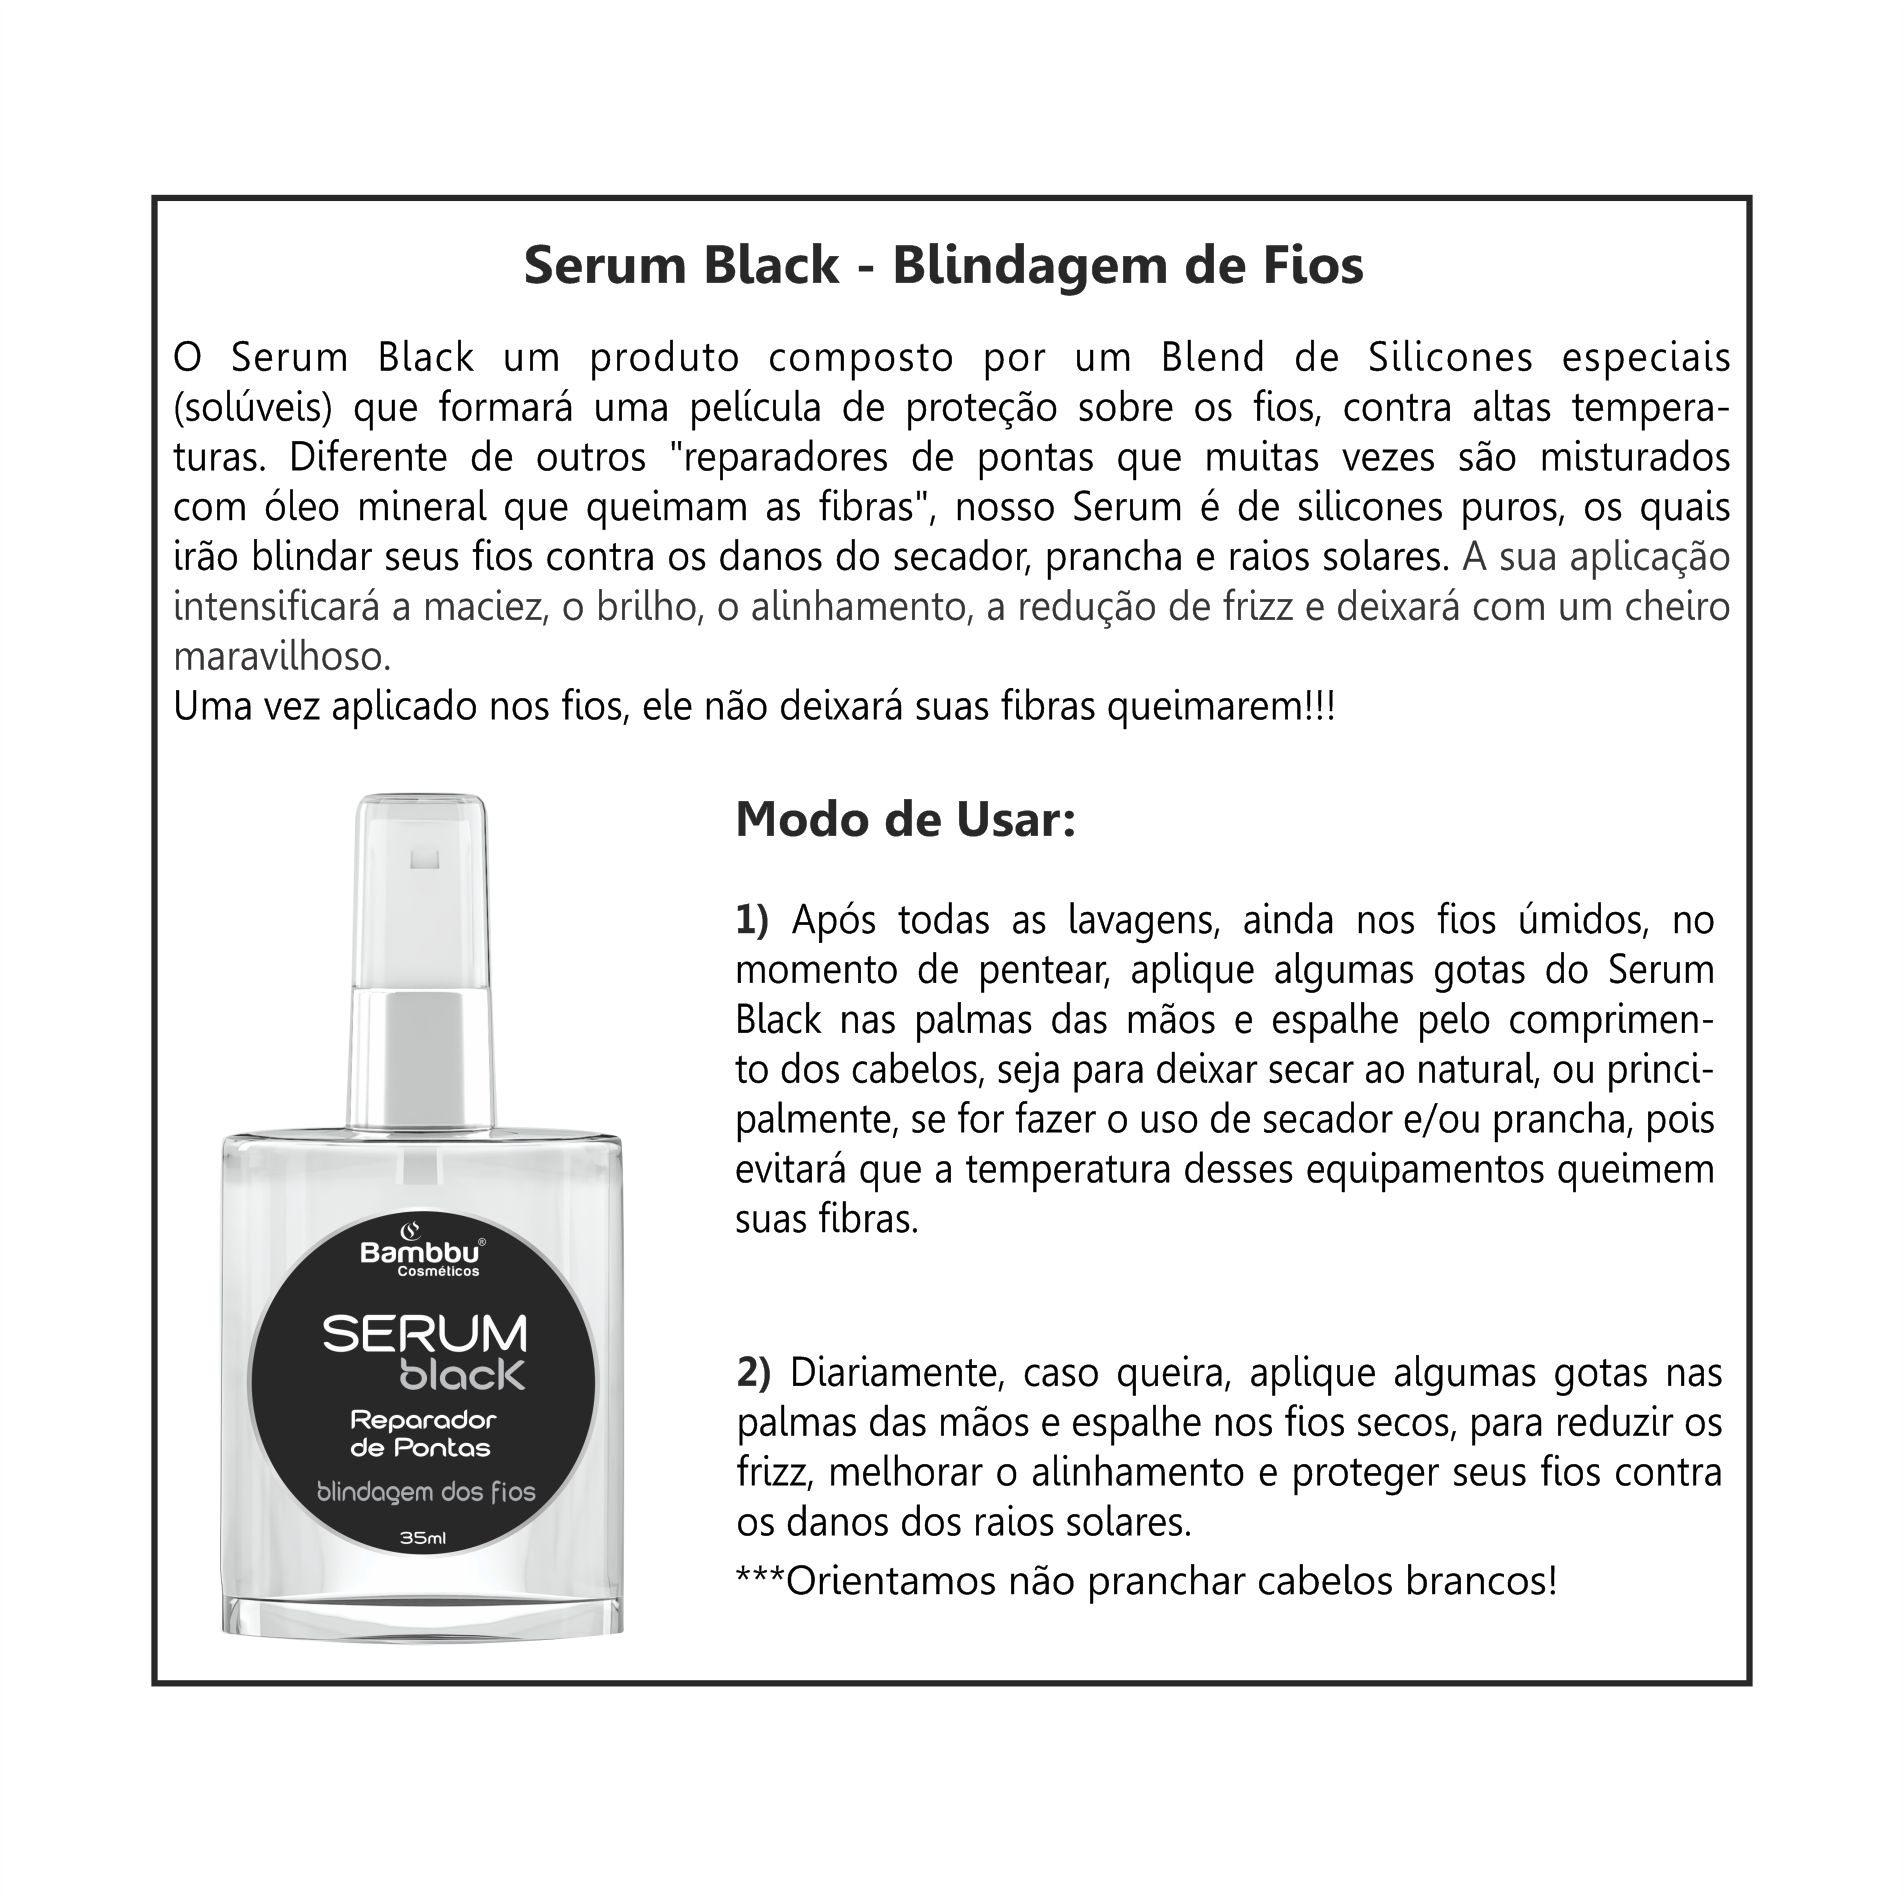 Serum Black - Blindagem de Fios e Reparador de Pontas 35 ml